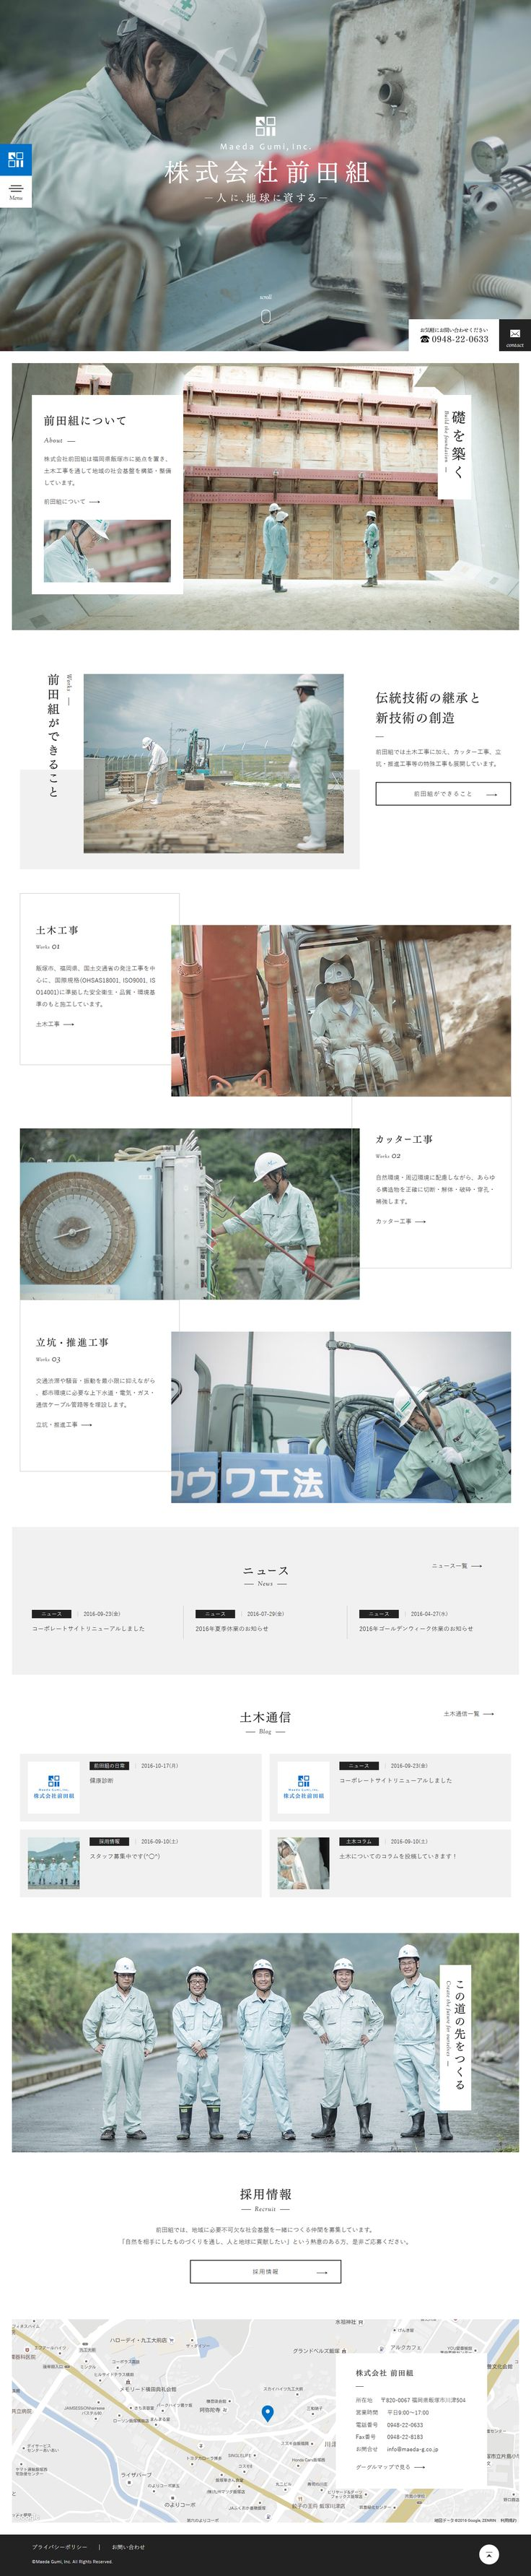 前田組 - LIG WORKS